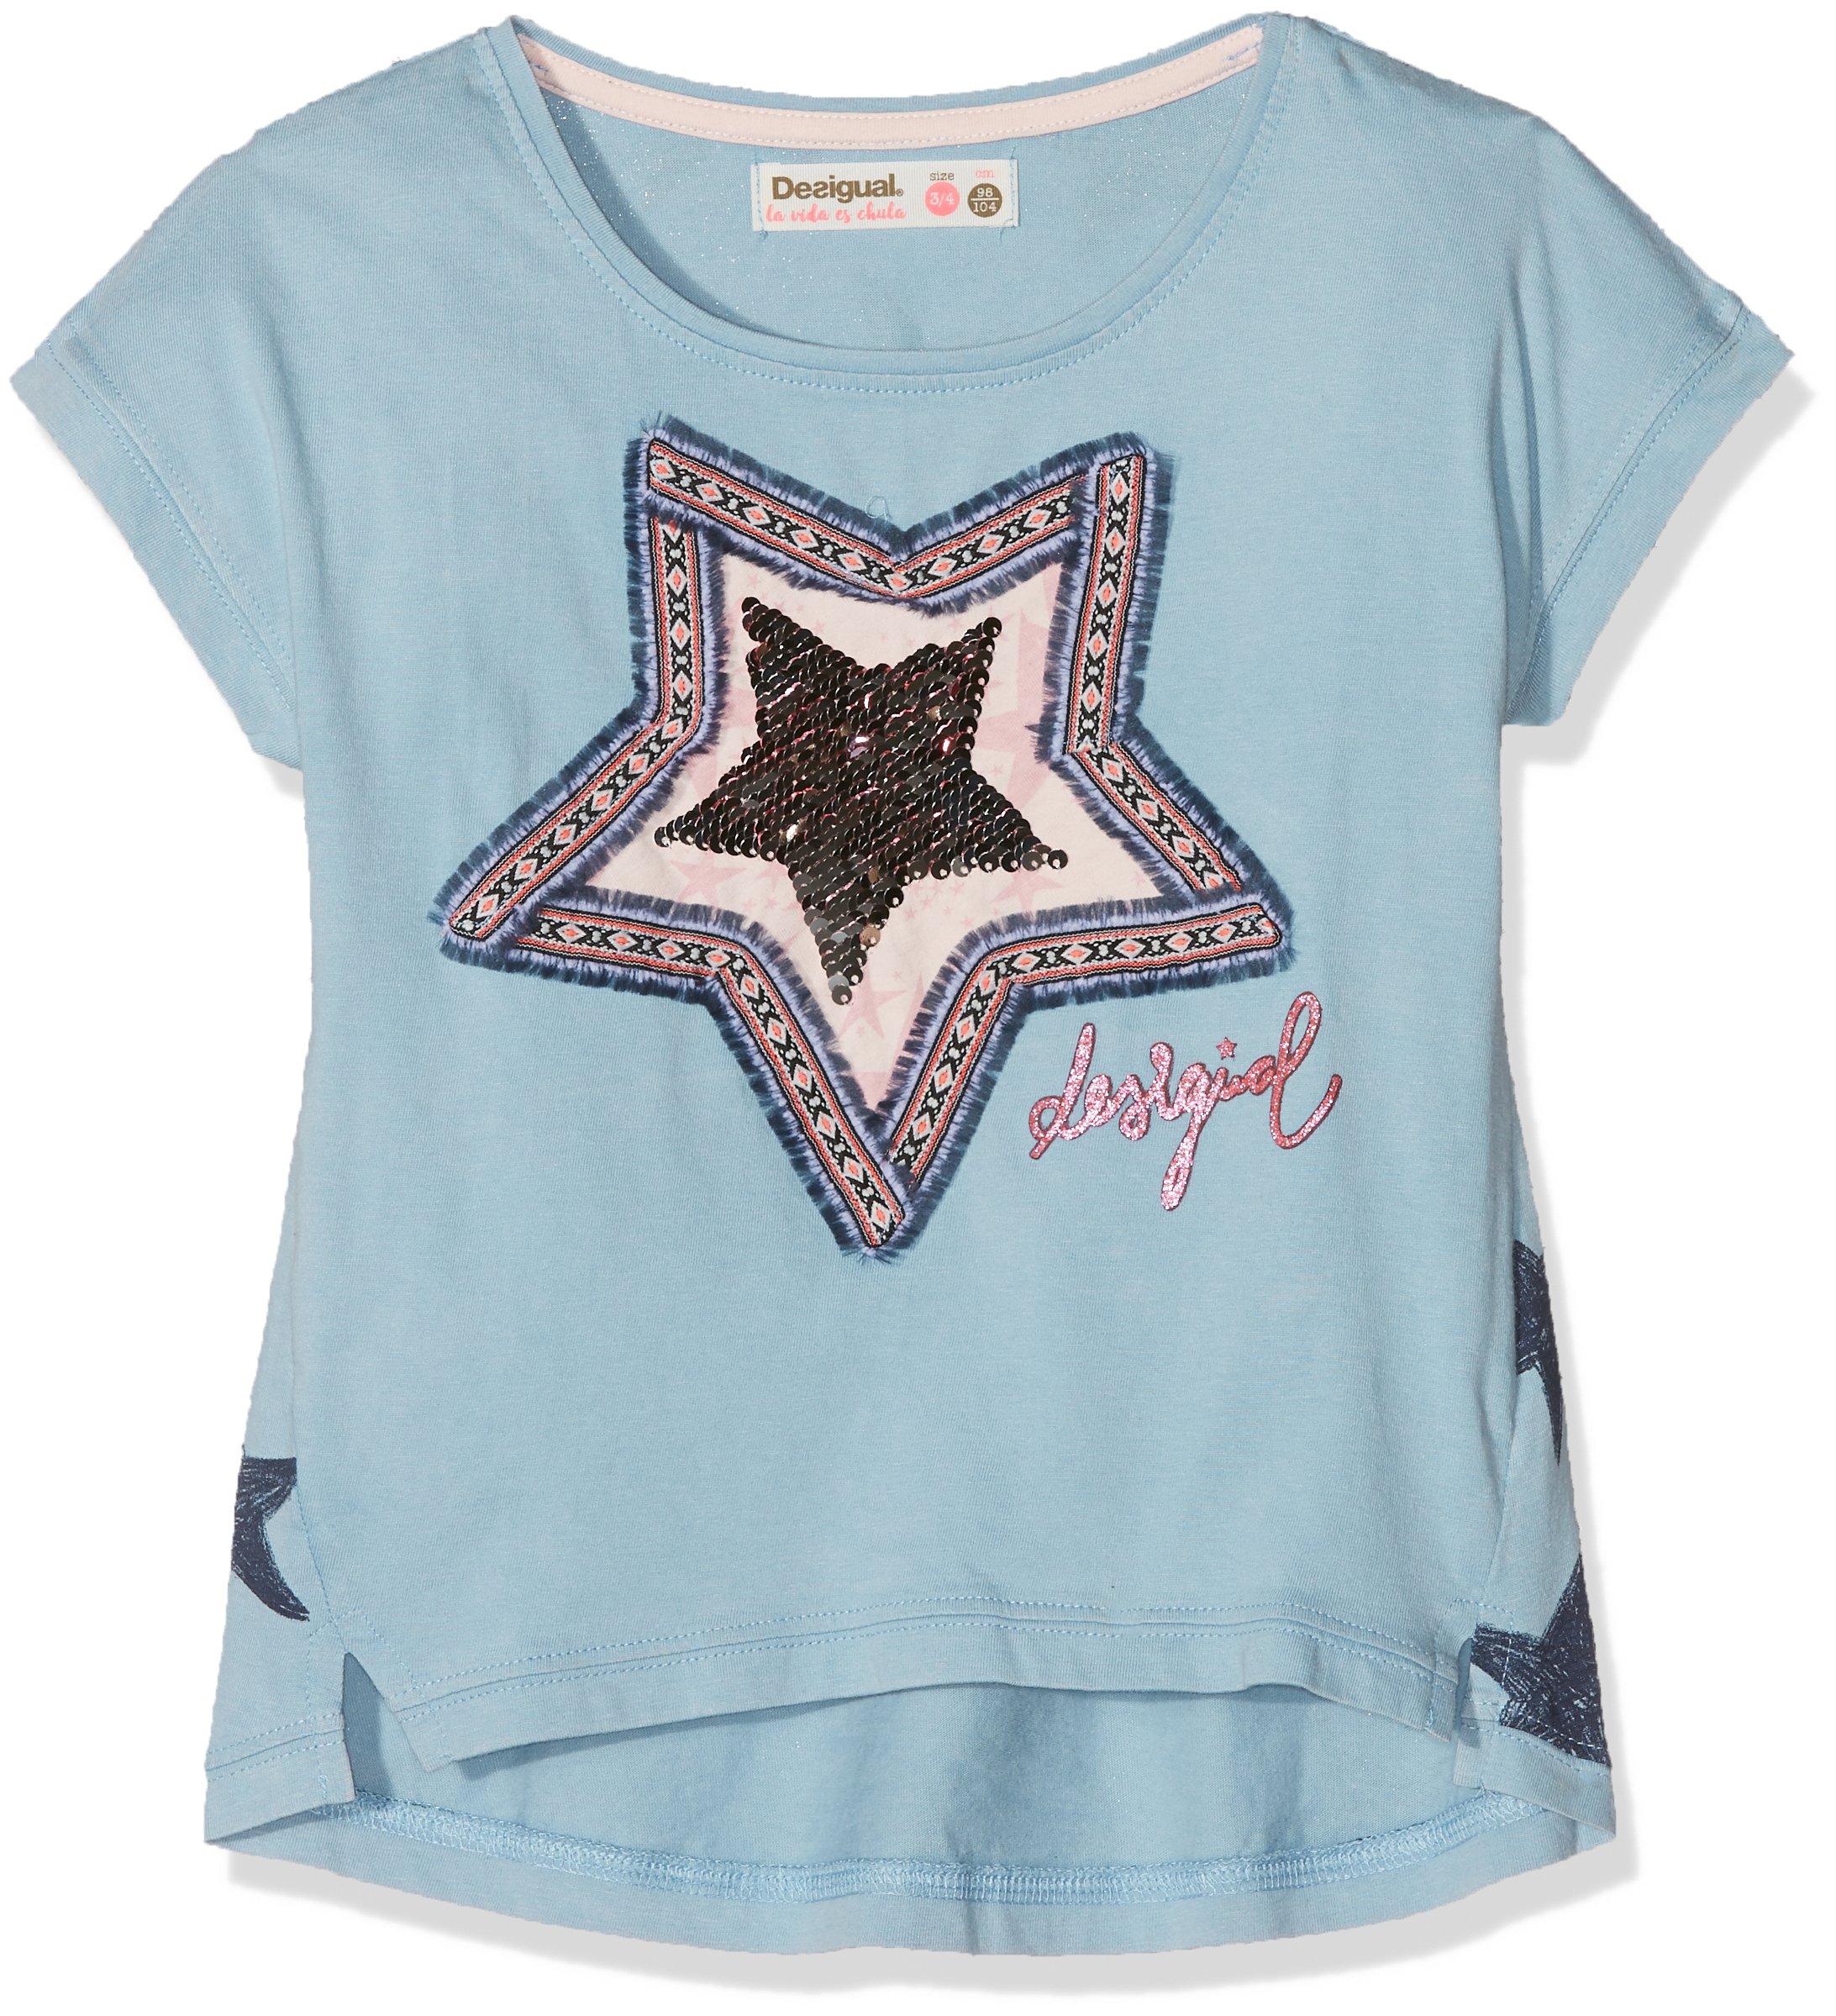 Desigual TS_nuevomexic Camiseta para Niñas